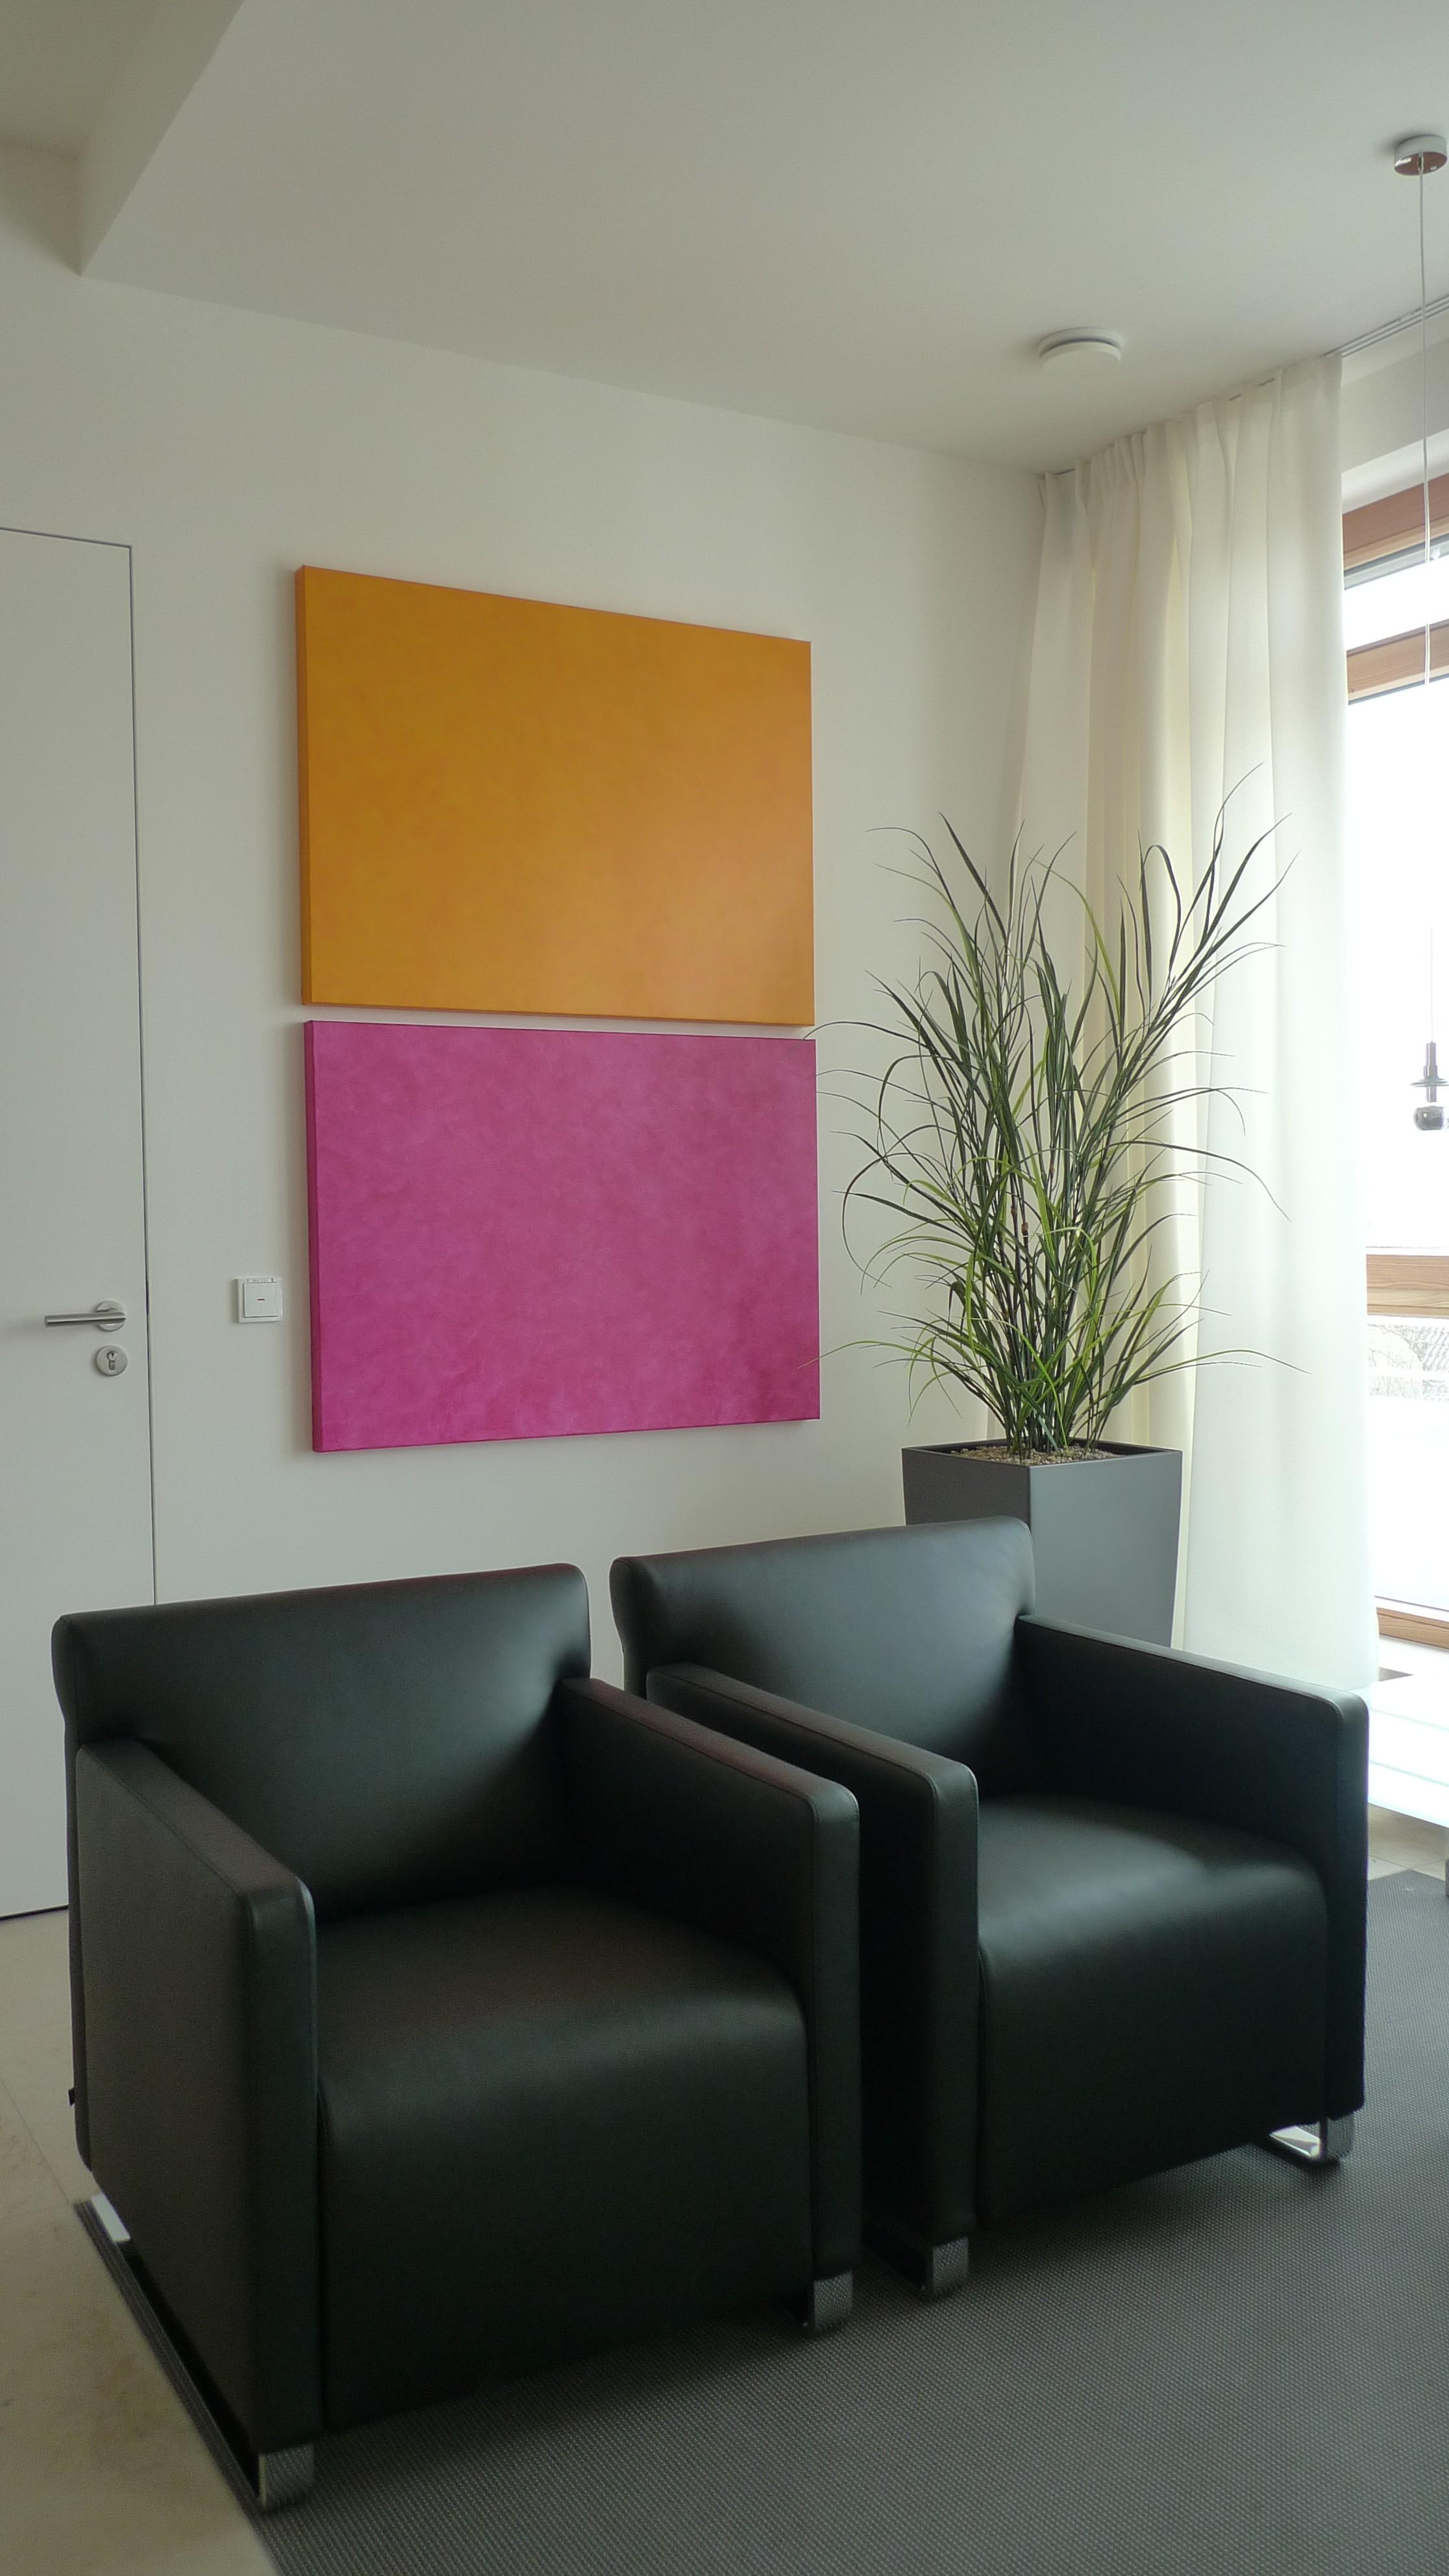 aktuelle bilder bilder f r b ro praxis und kanzlei bilder f rs b ro. Black Bedroom Furniture Sets. Home Design Ideas